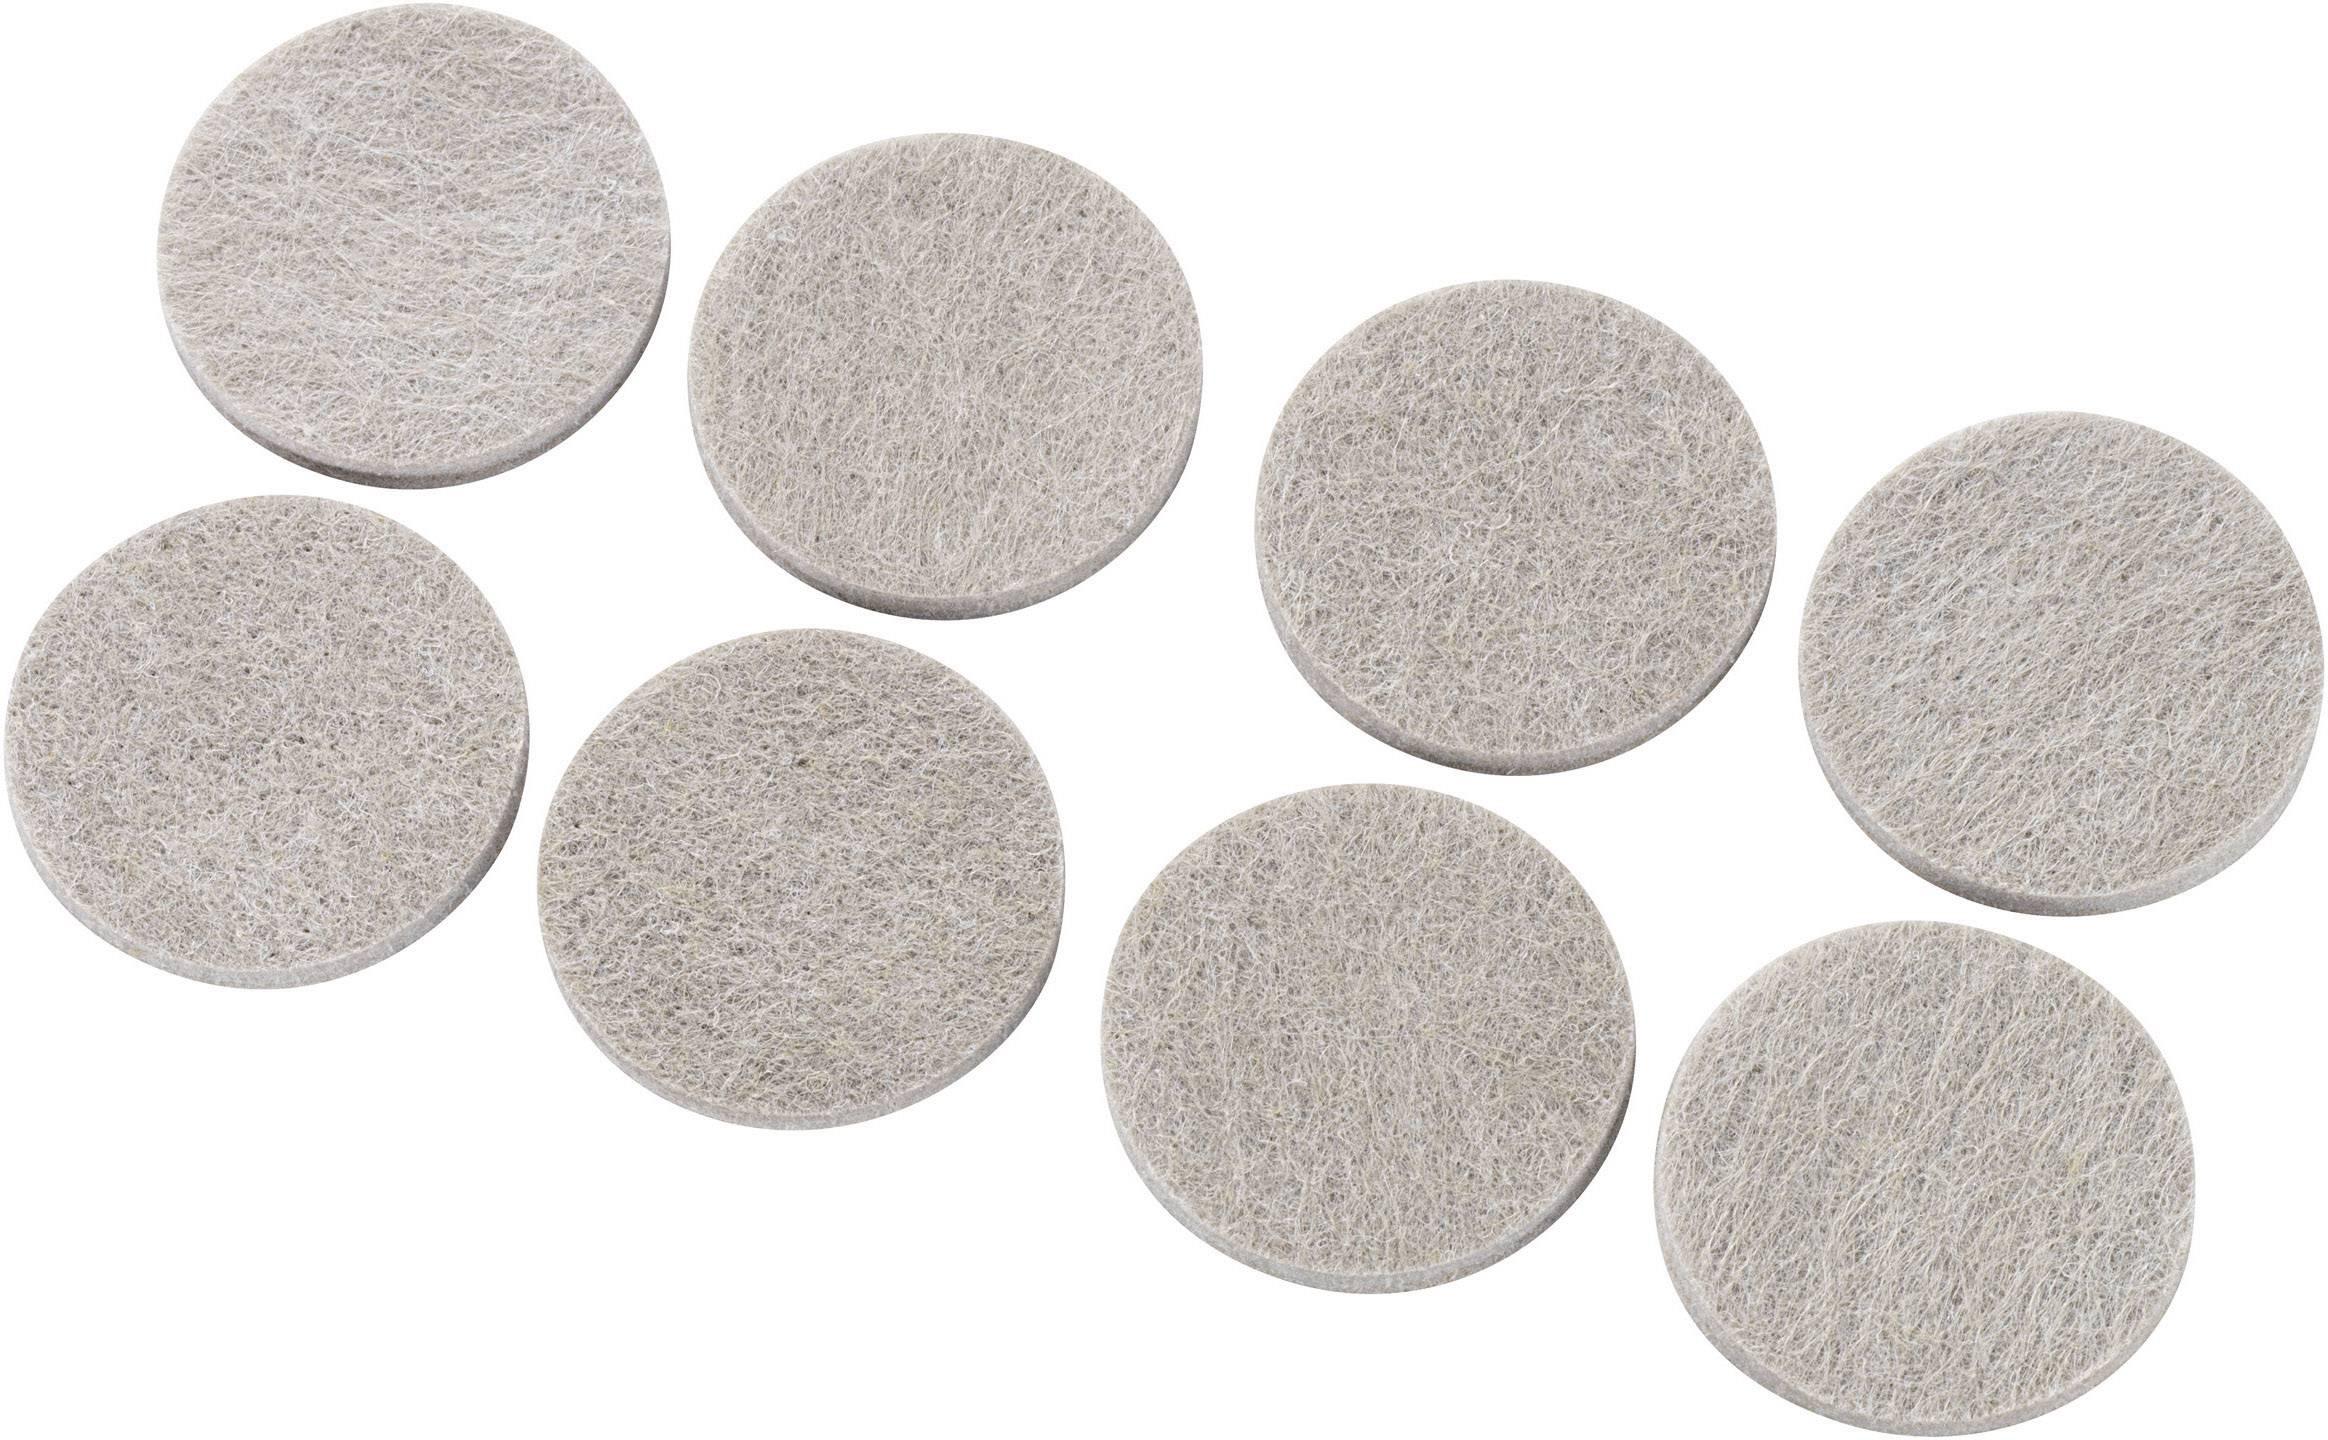 Plstené podložky (Ø x v) 38 mm x 5 mm, sivá, 8 ks